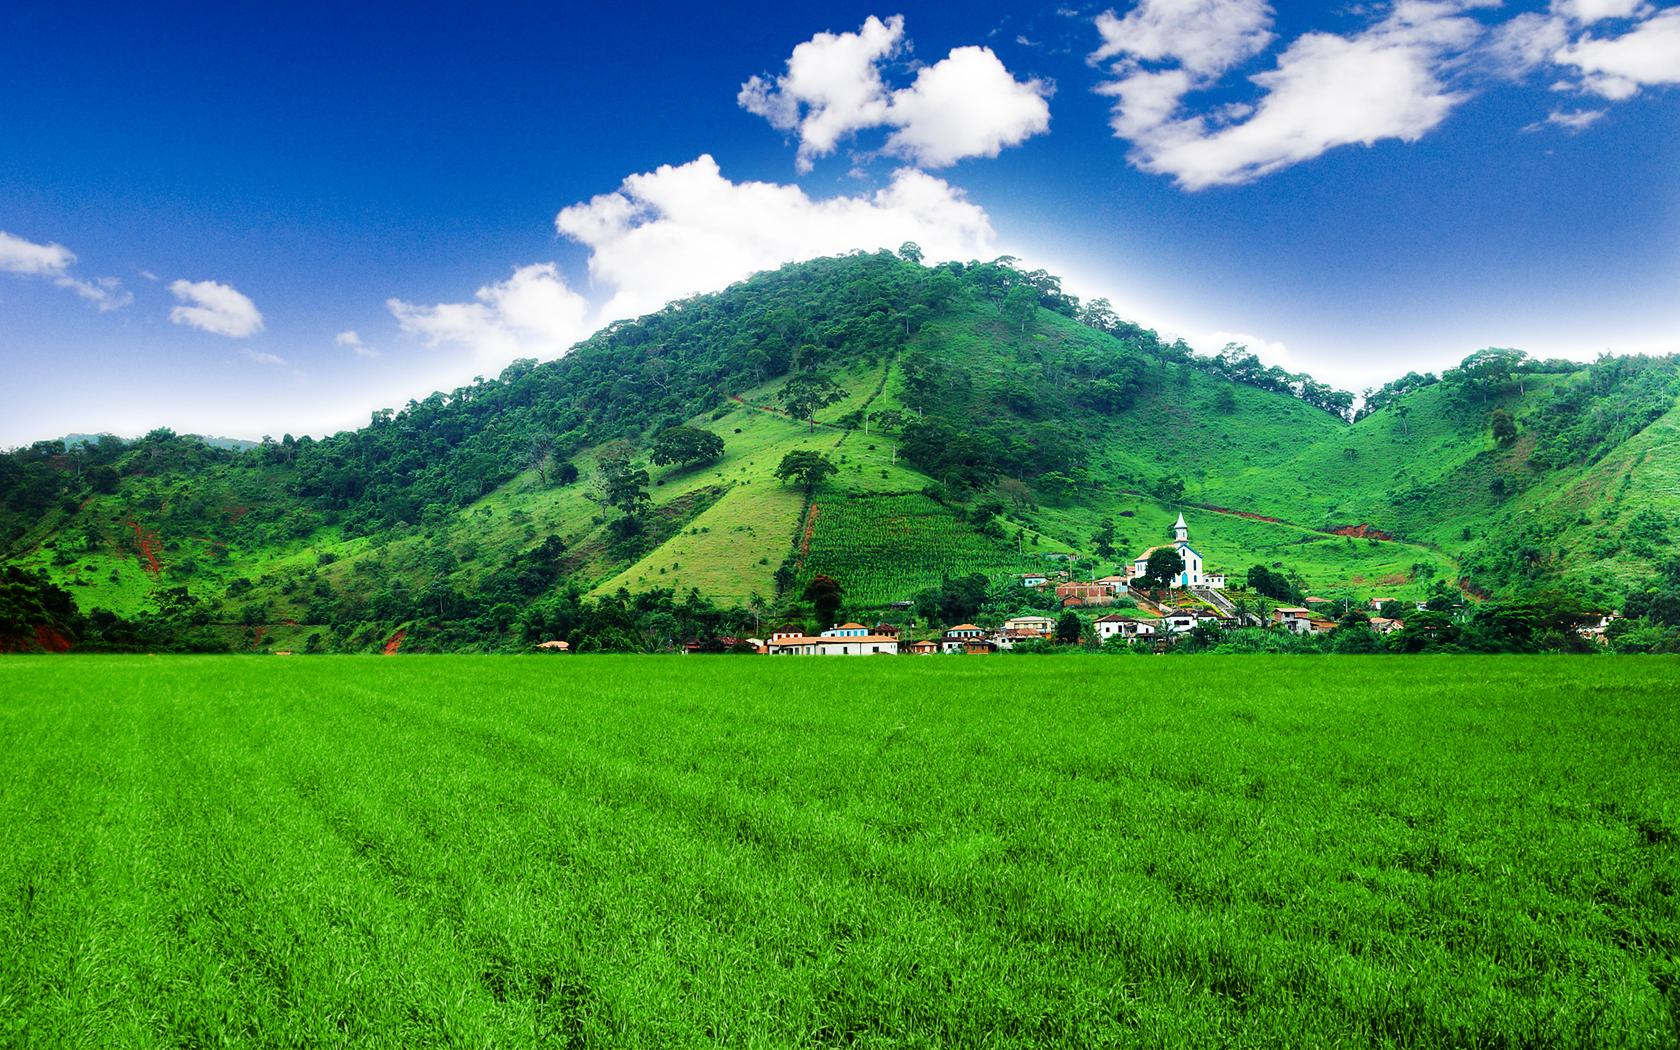 Mountain Villa Bliss Excellent Nature Wallpaper Best Tourist Destinations Beautiful Places To Visit Beautiful Places